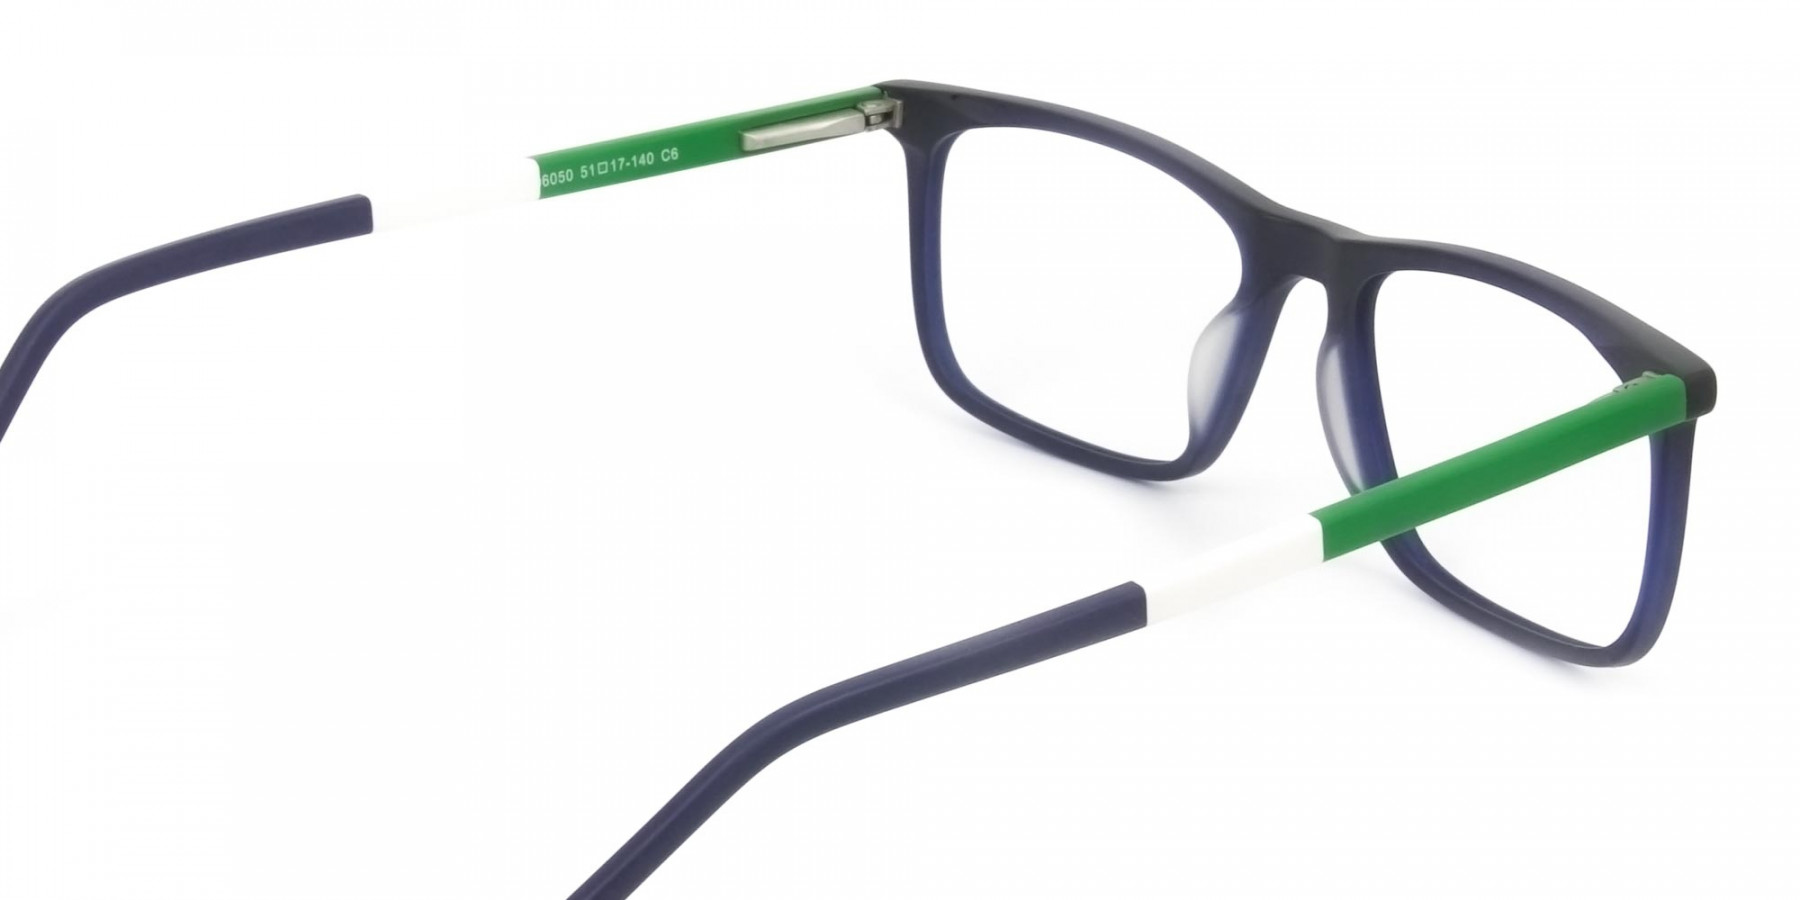 Green & Matte Navy Blue Spectacles - 1